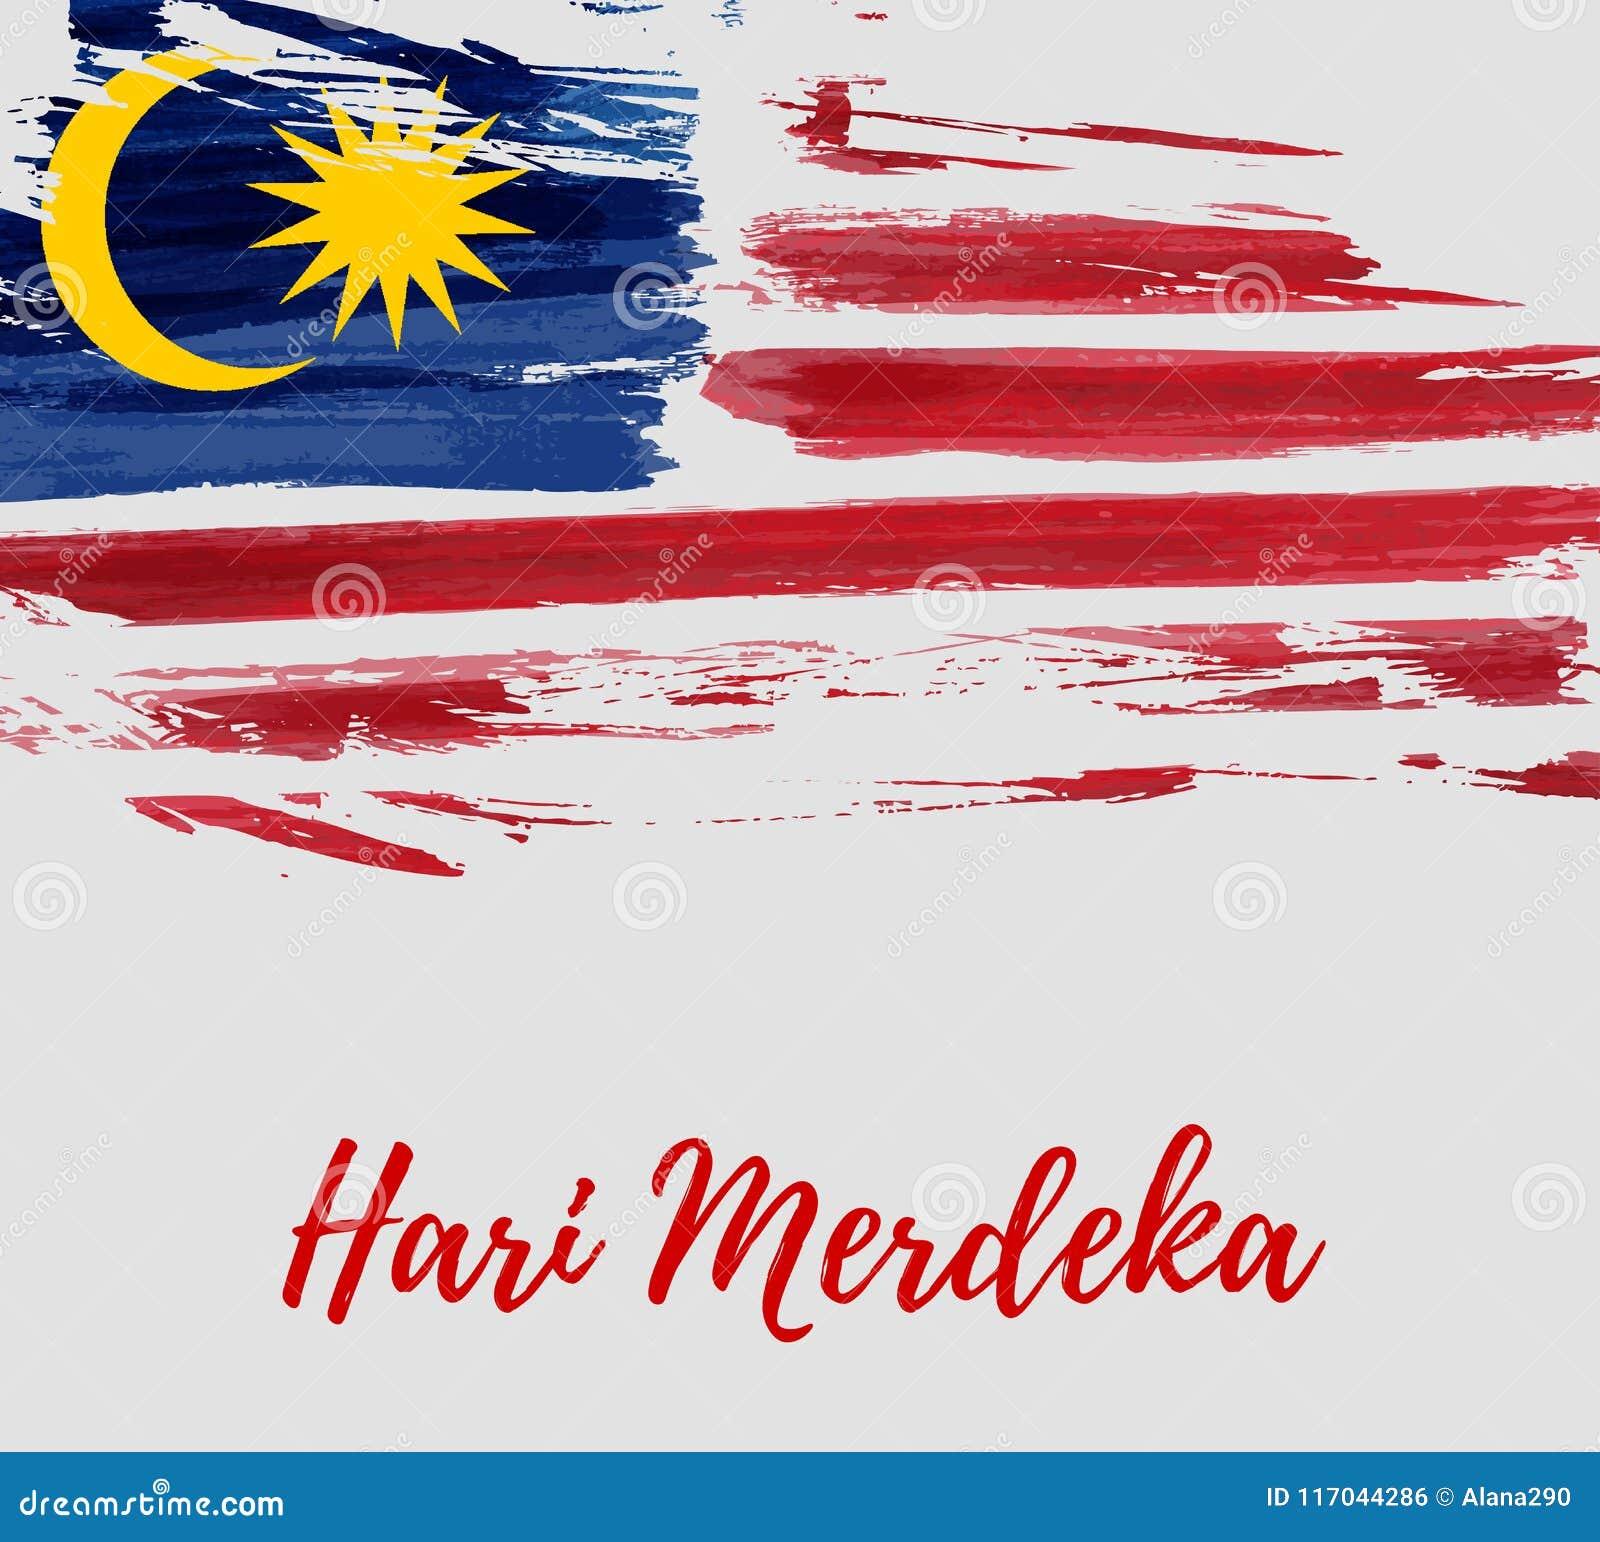 De Onafhankelijkheidsdag van Maleisië - Hari Merdeka-vakantie